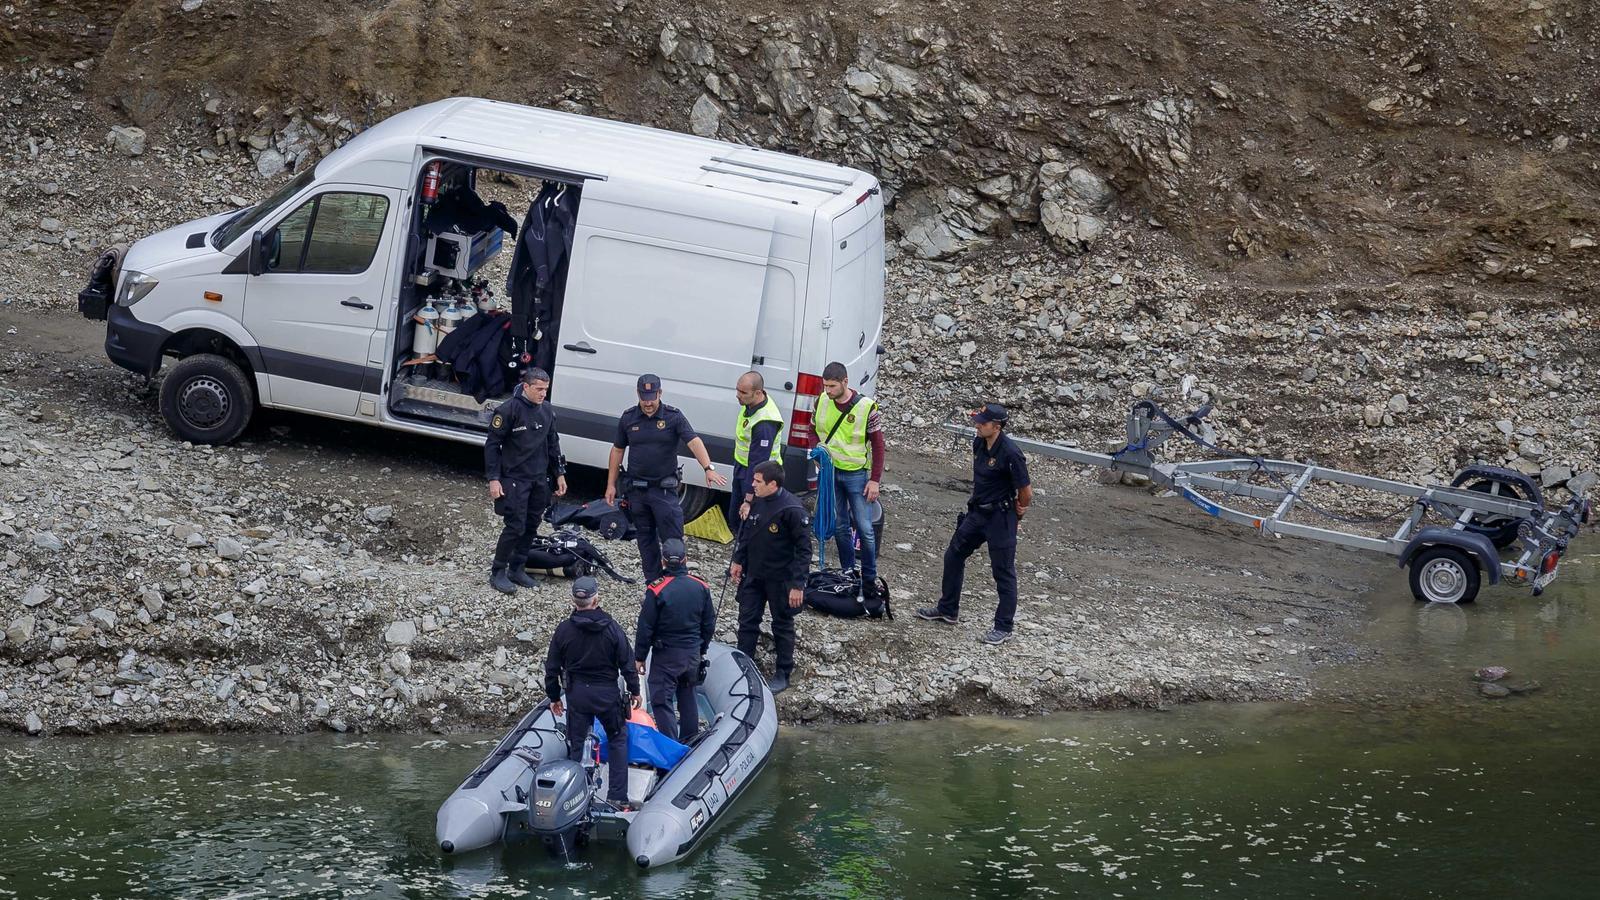 La noia assassinada a Susqueda va morir d'un tret al cap